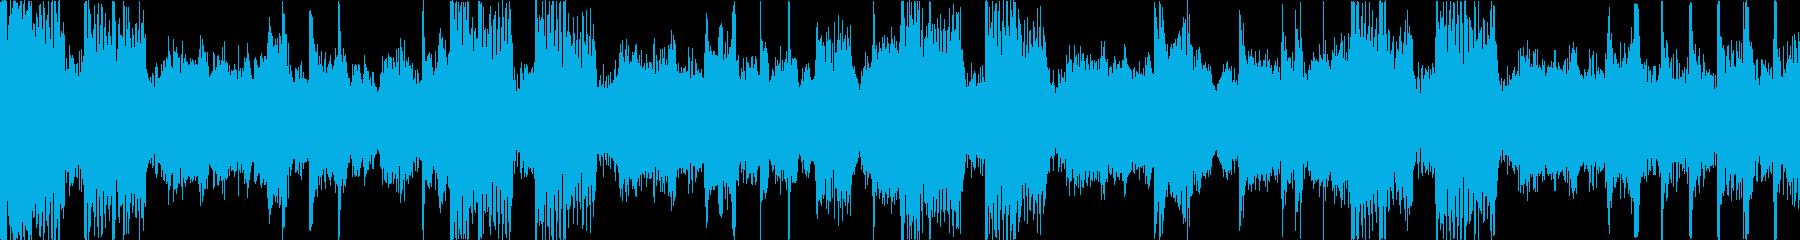 緊迫した重めのロック Bパートループの再生済みの波形